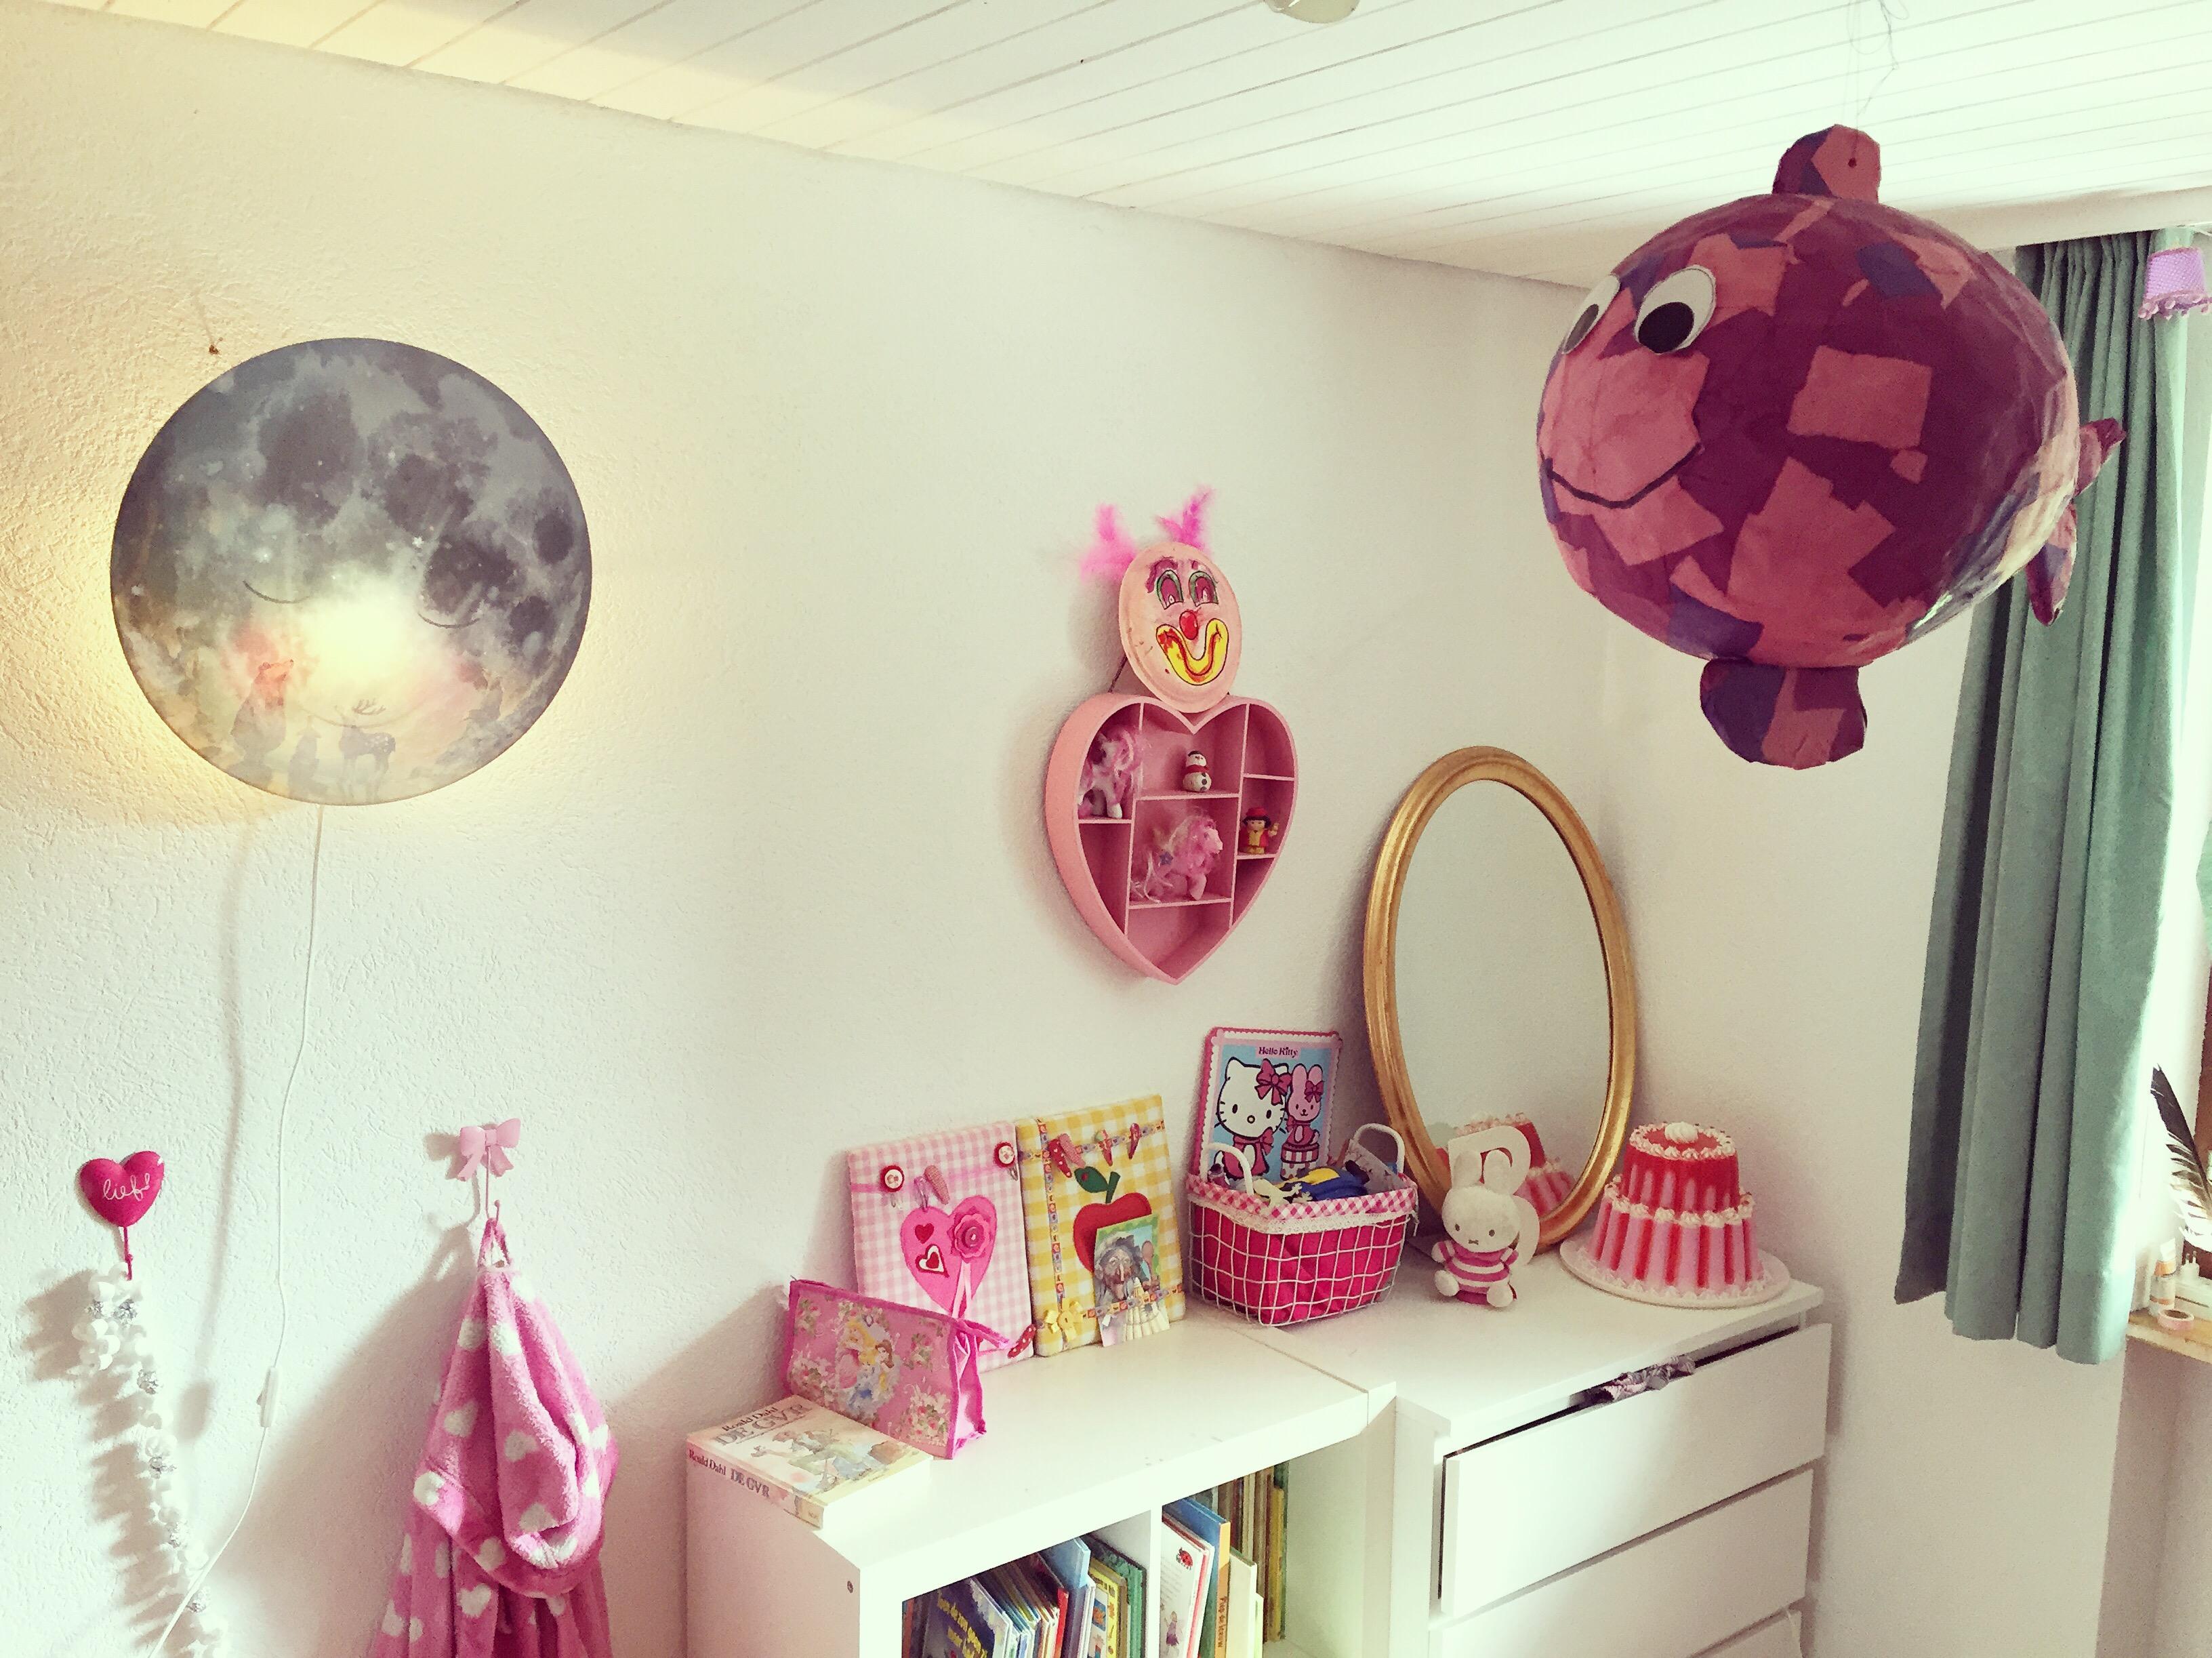 Thuis zet ik Eva's kamer even op de foto voor het blog bij de Hartendief lamp